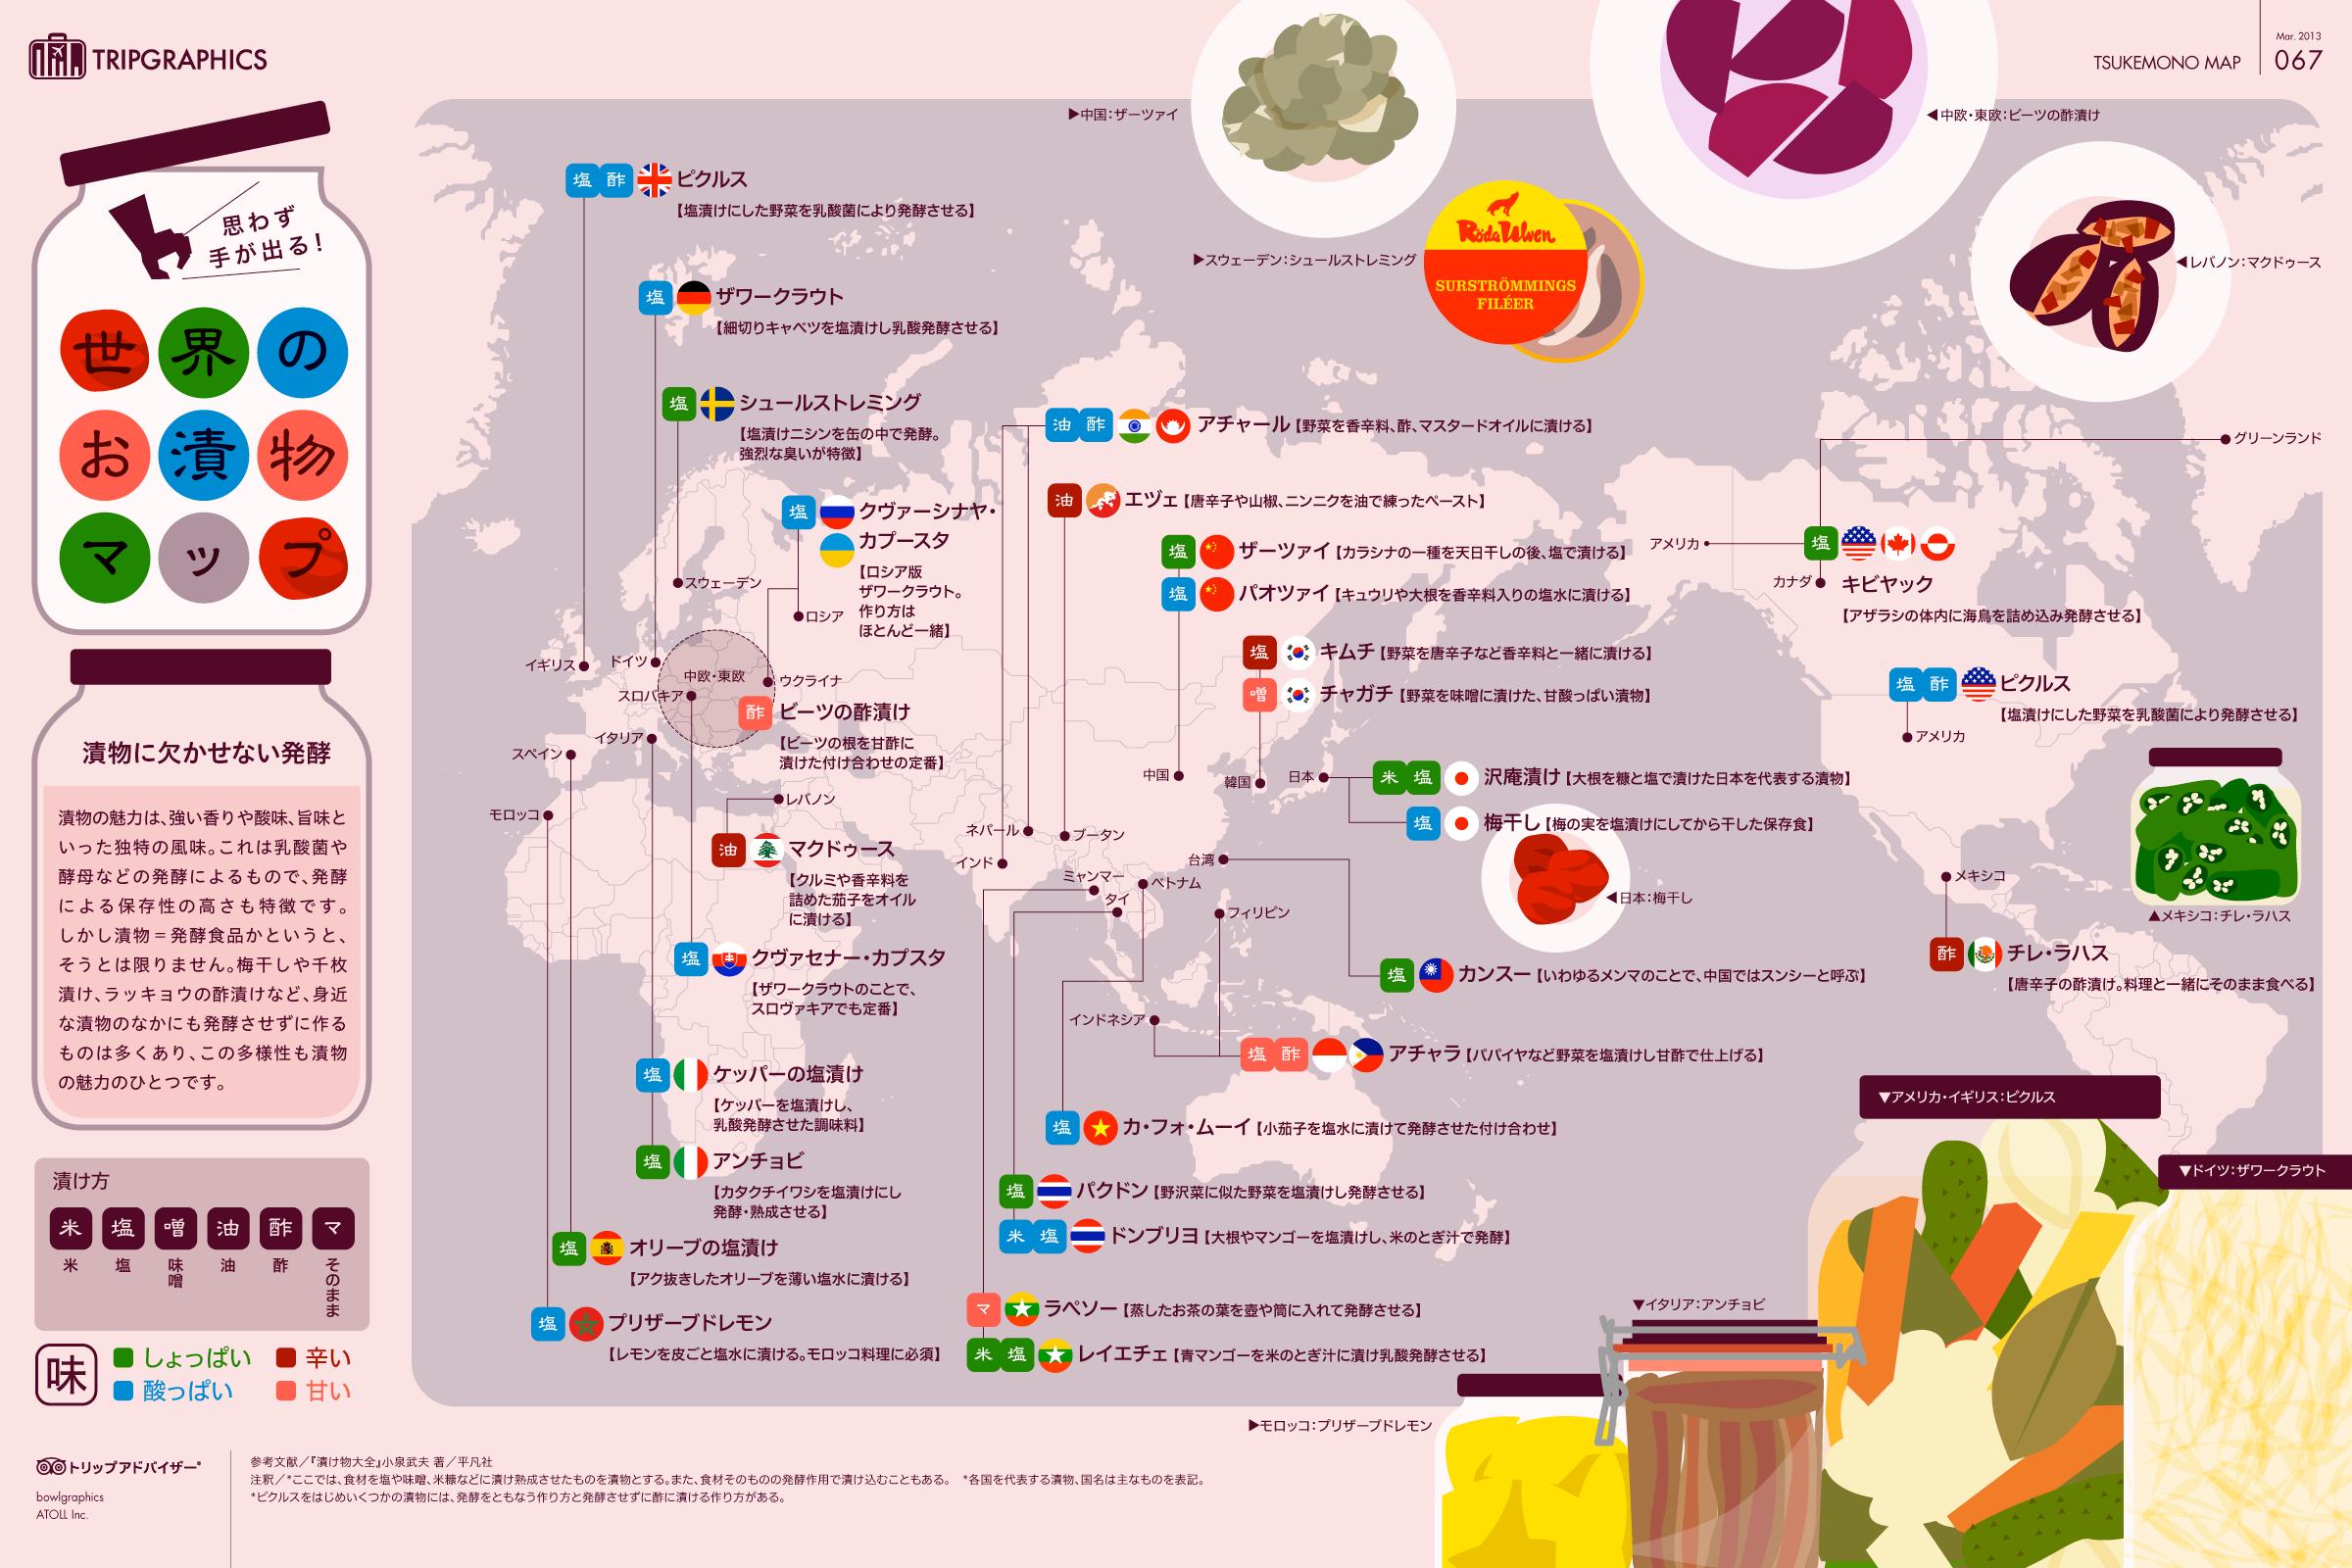 インフォグラフィック:世界のうまい漬物29種。日本代表は沢庵と梅干しが選出